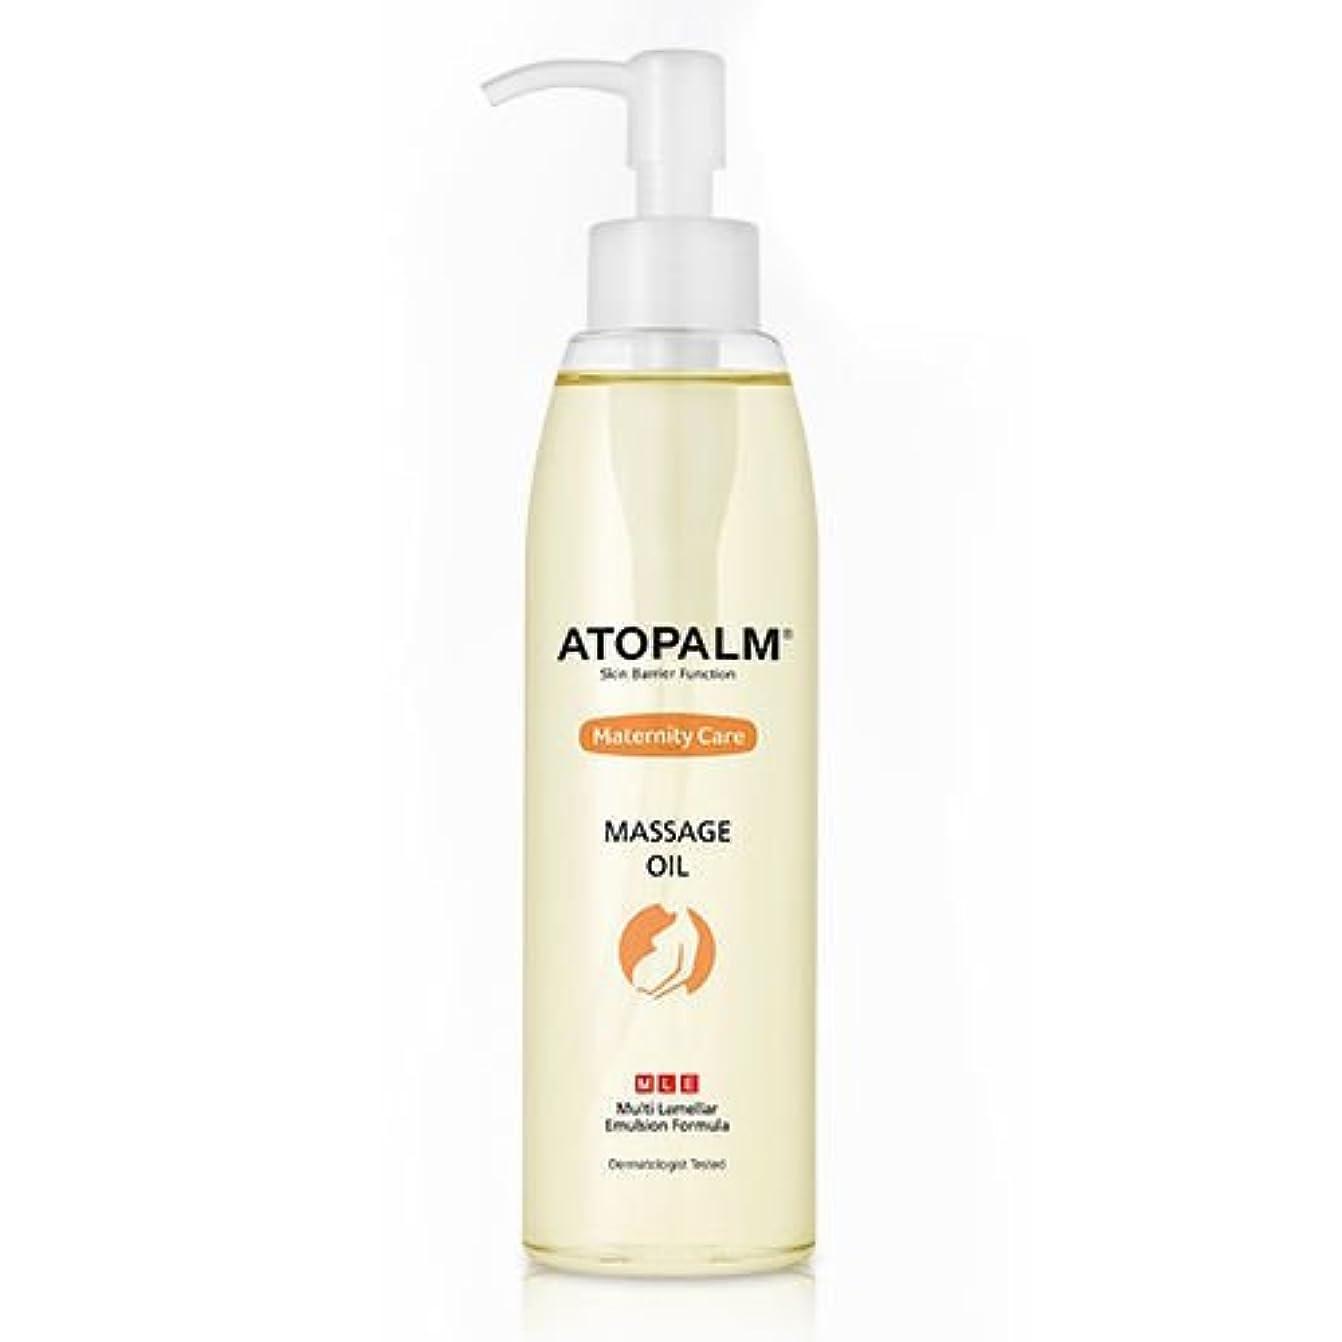 強いますコモランマロック解除ATOPALM Maternity Care Massage Oil 120ml/アトパーム マタニティ ケア マッサージ オイル 120ml [並行輸入品]